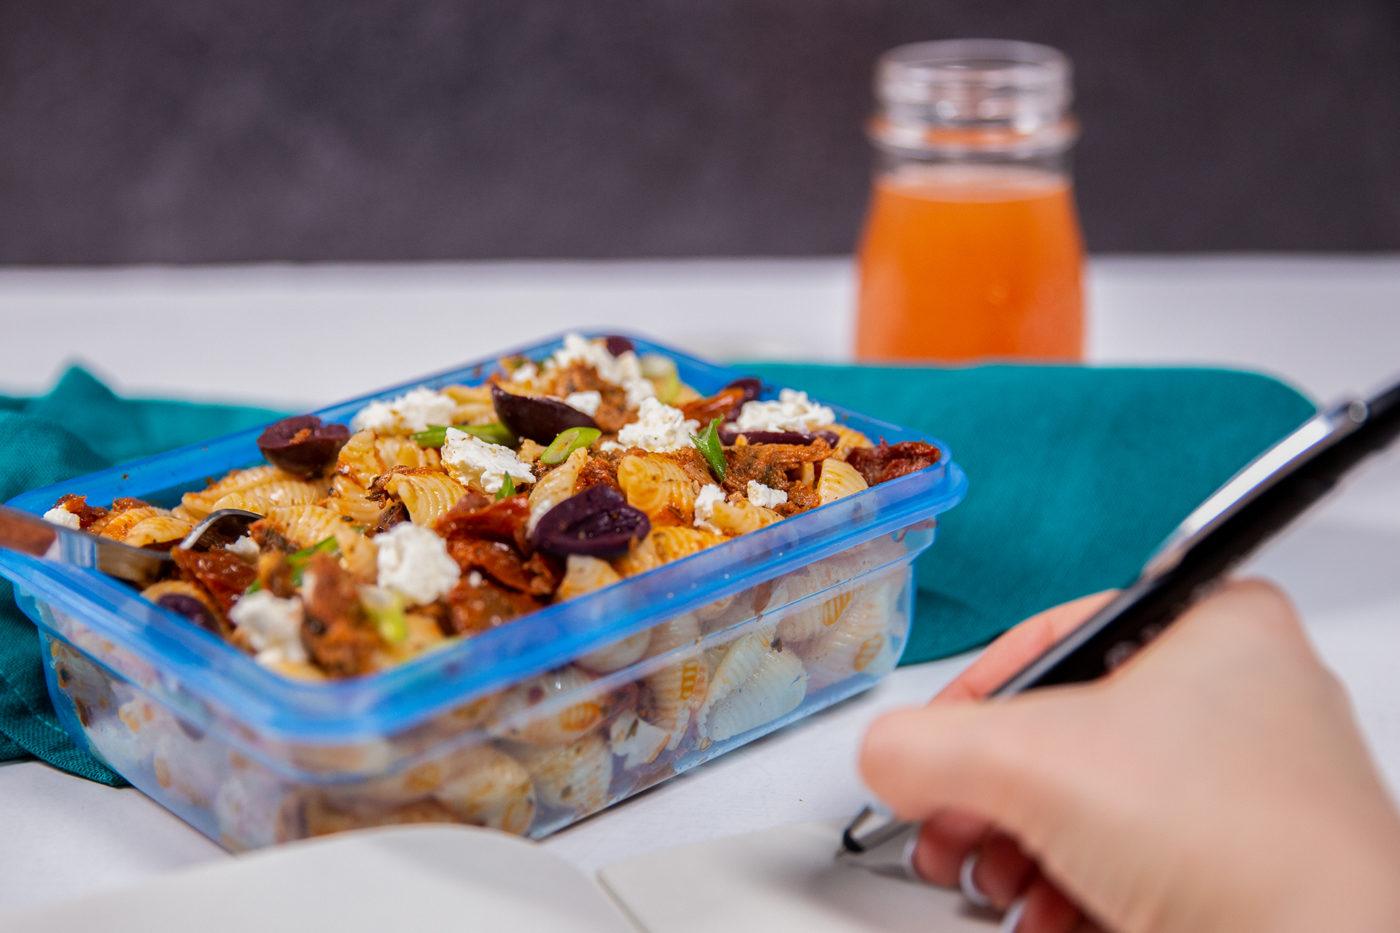 Salade de pâtes au thon facile à préparer – riche en protéines et idéale pour les enfants!